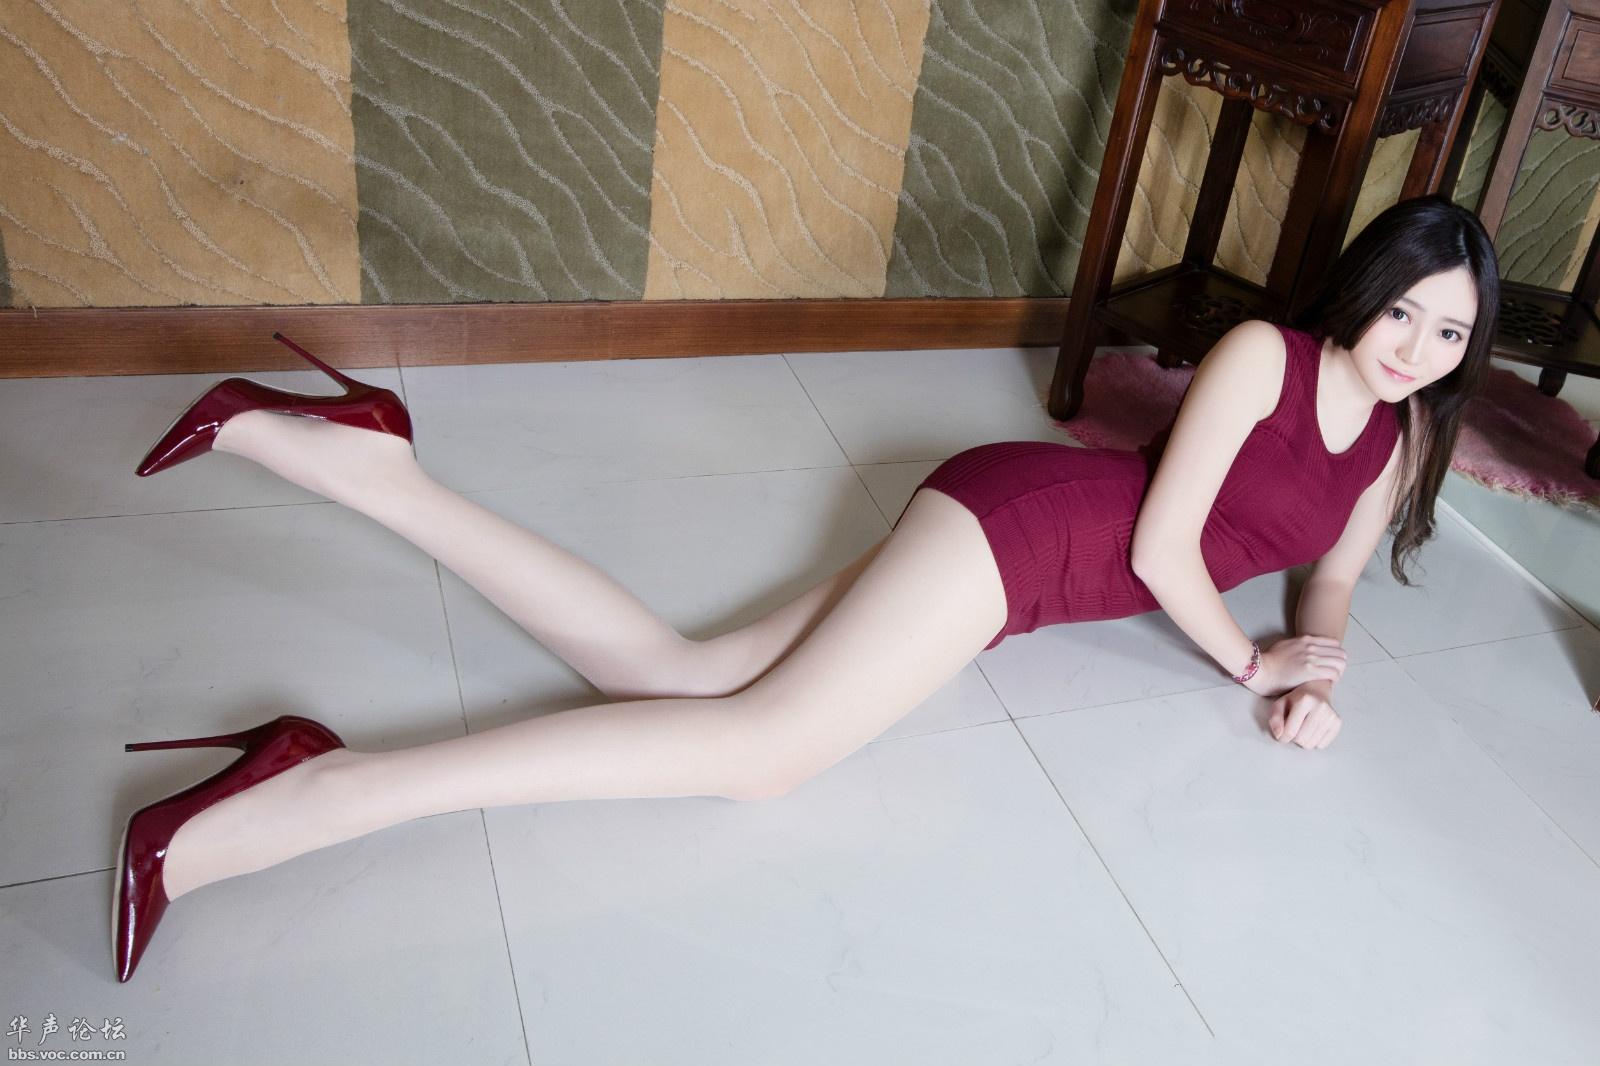 美女美腿秀Ning2 - 花開有聲 - 花開有聲